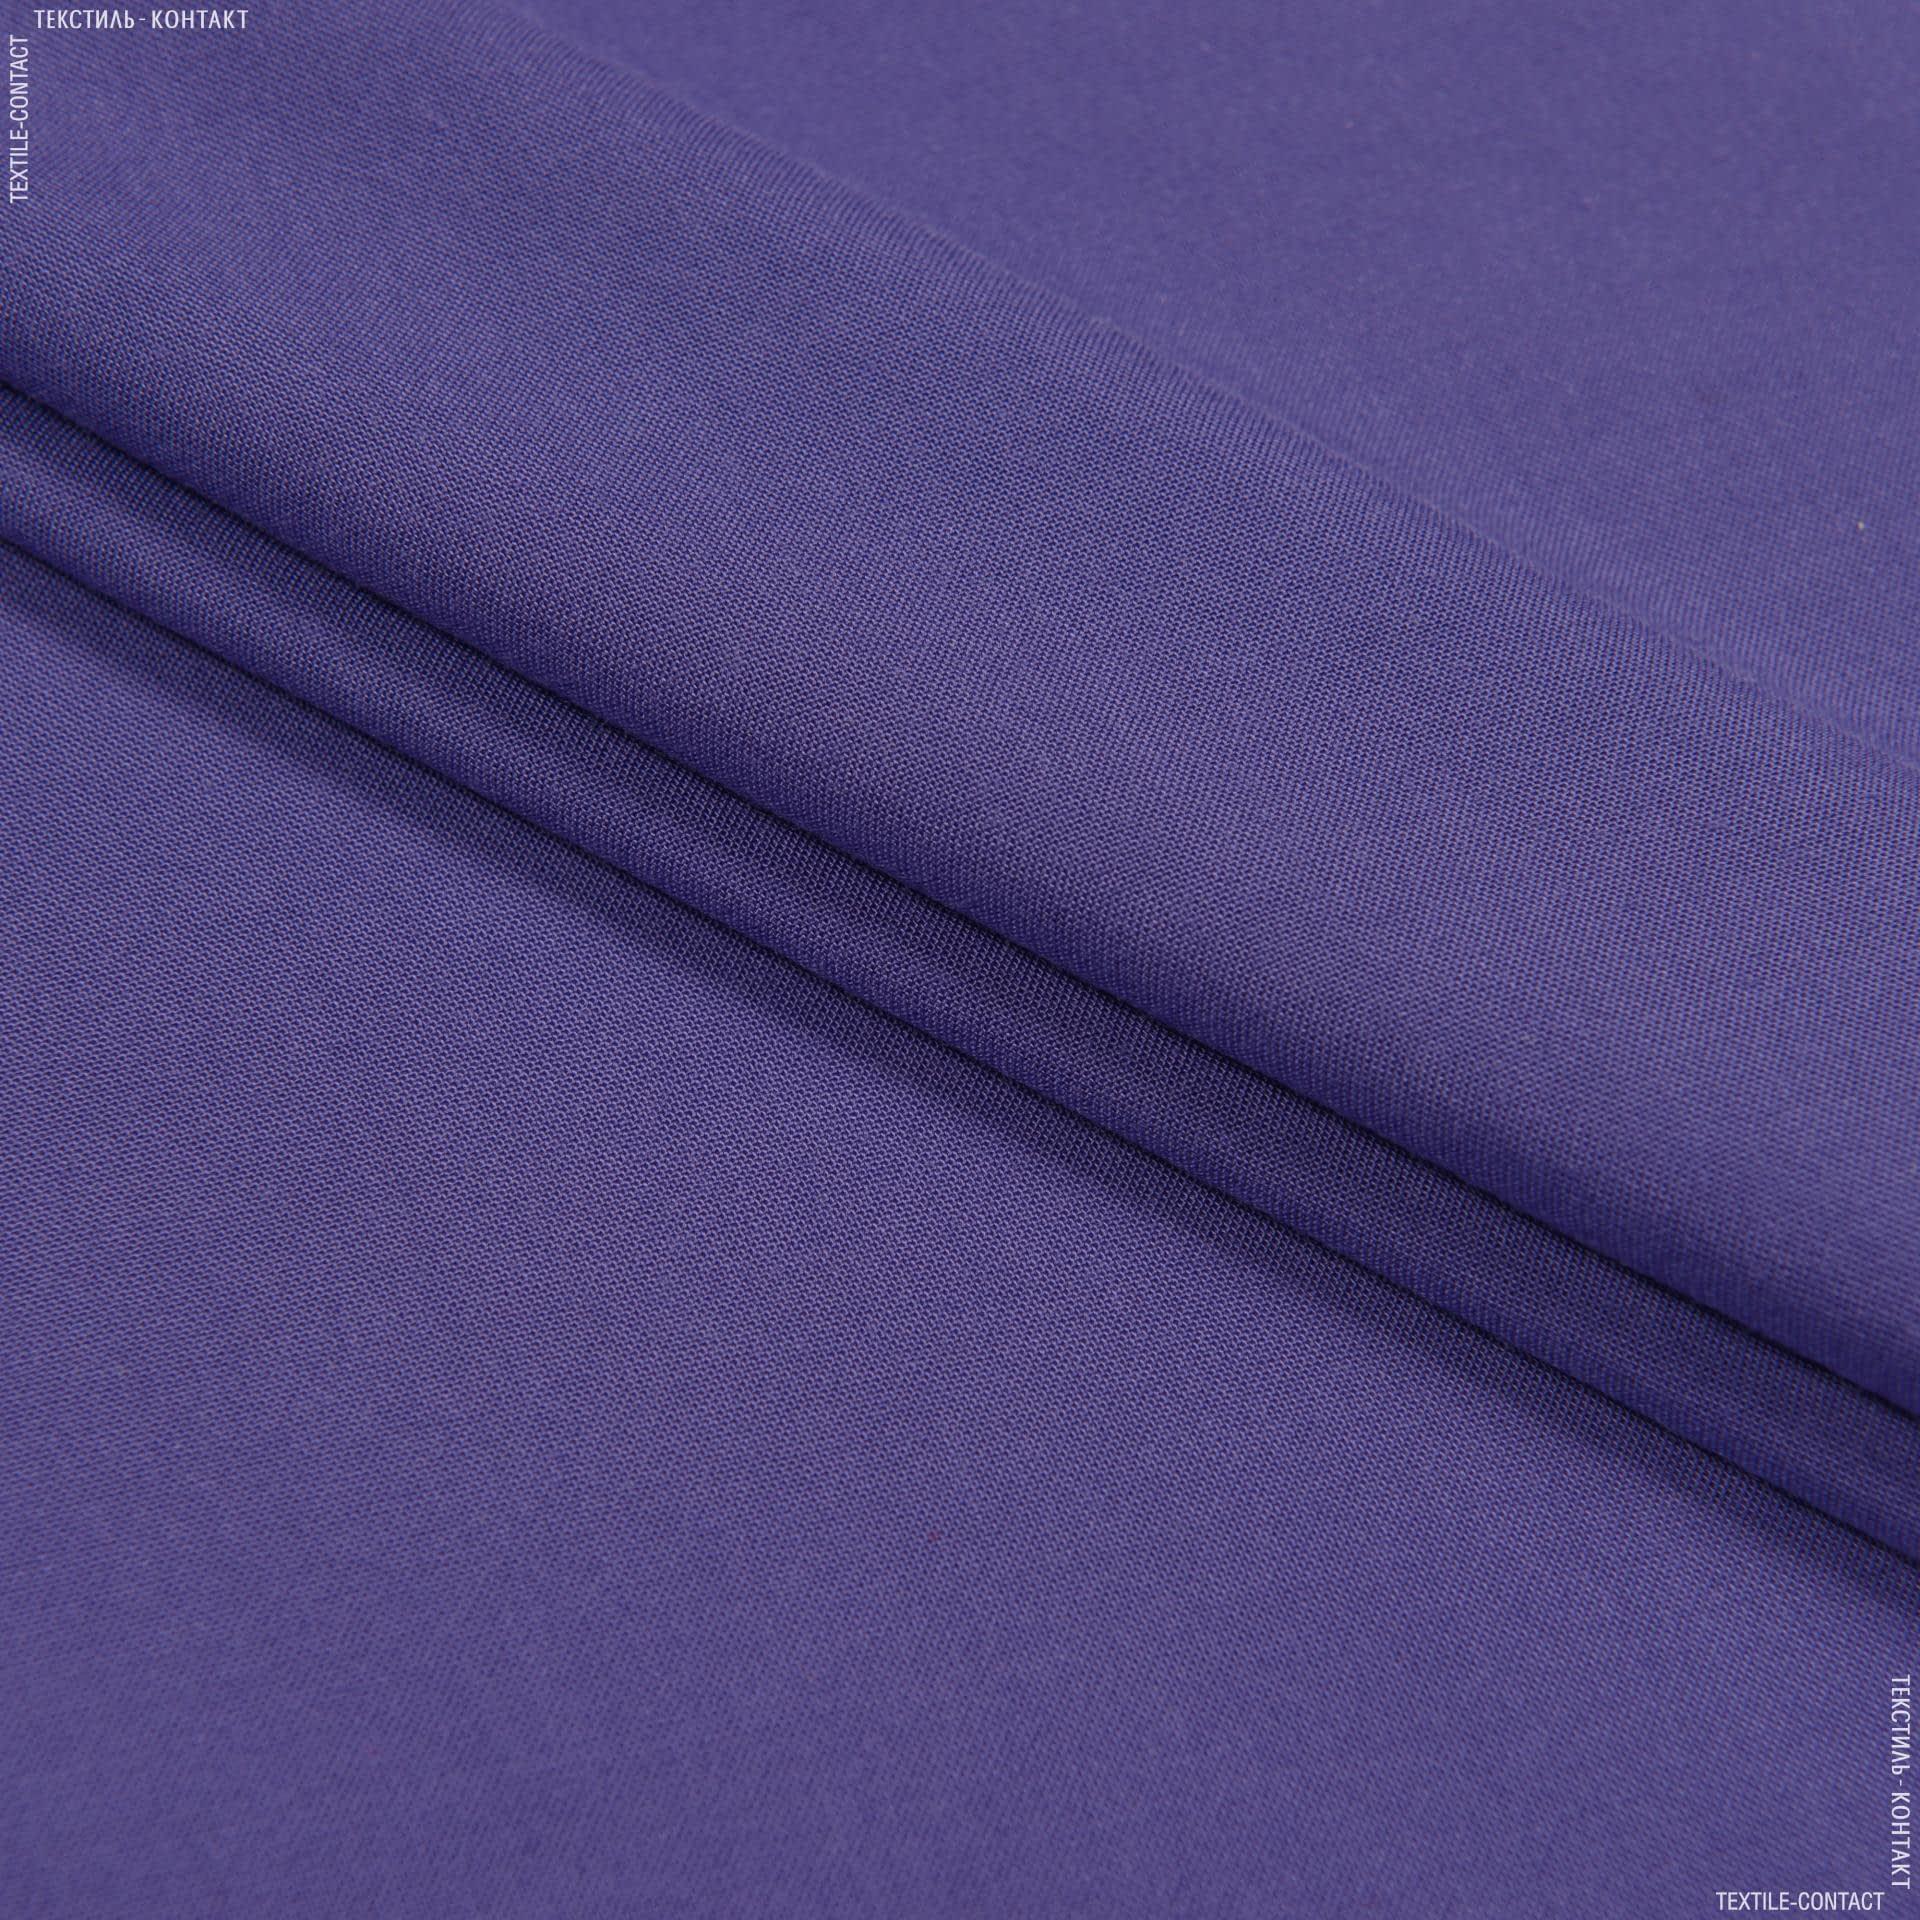 Тканини для суконь - Штапель фалма ліловий